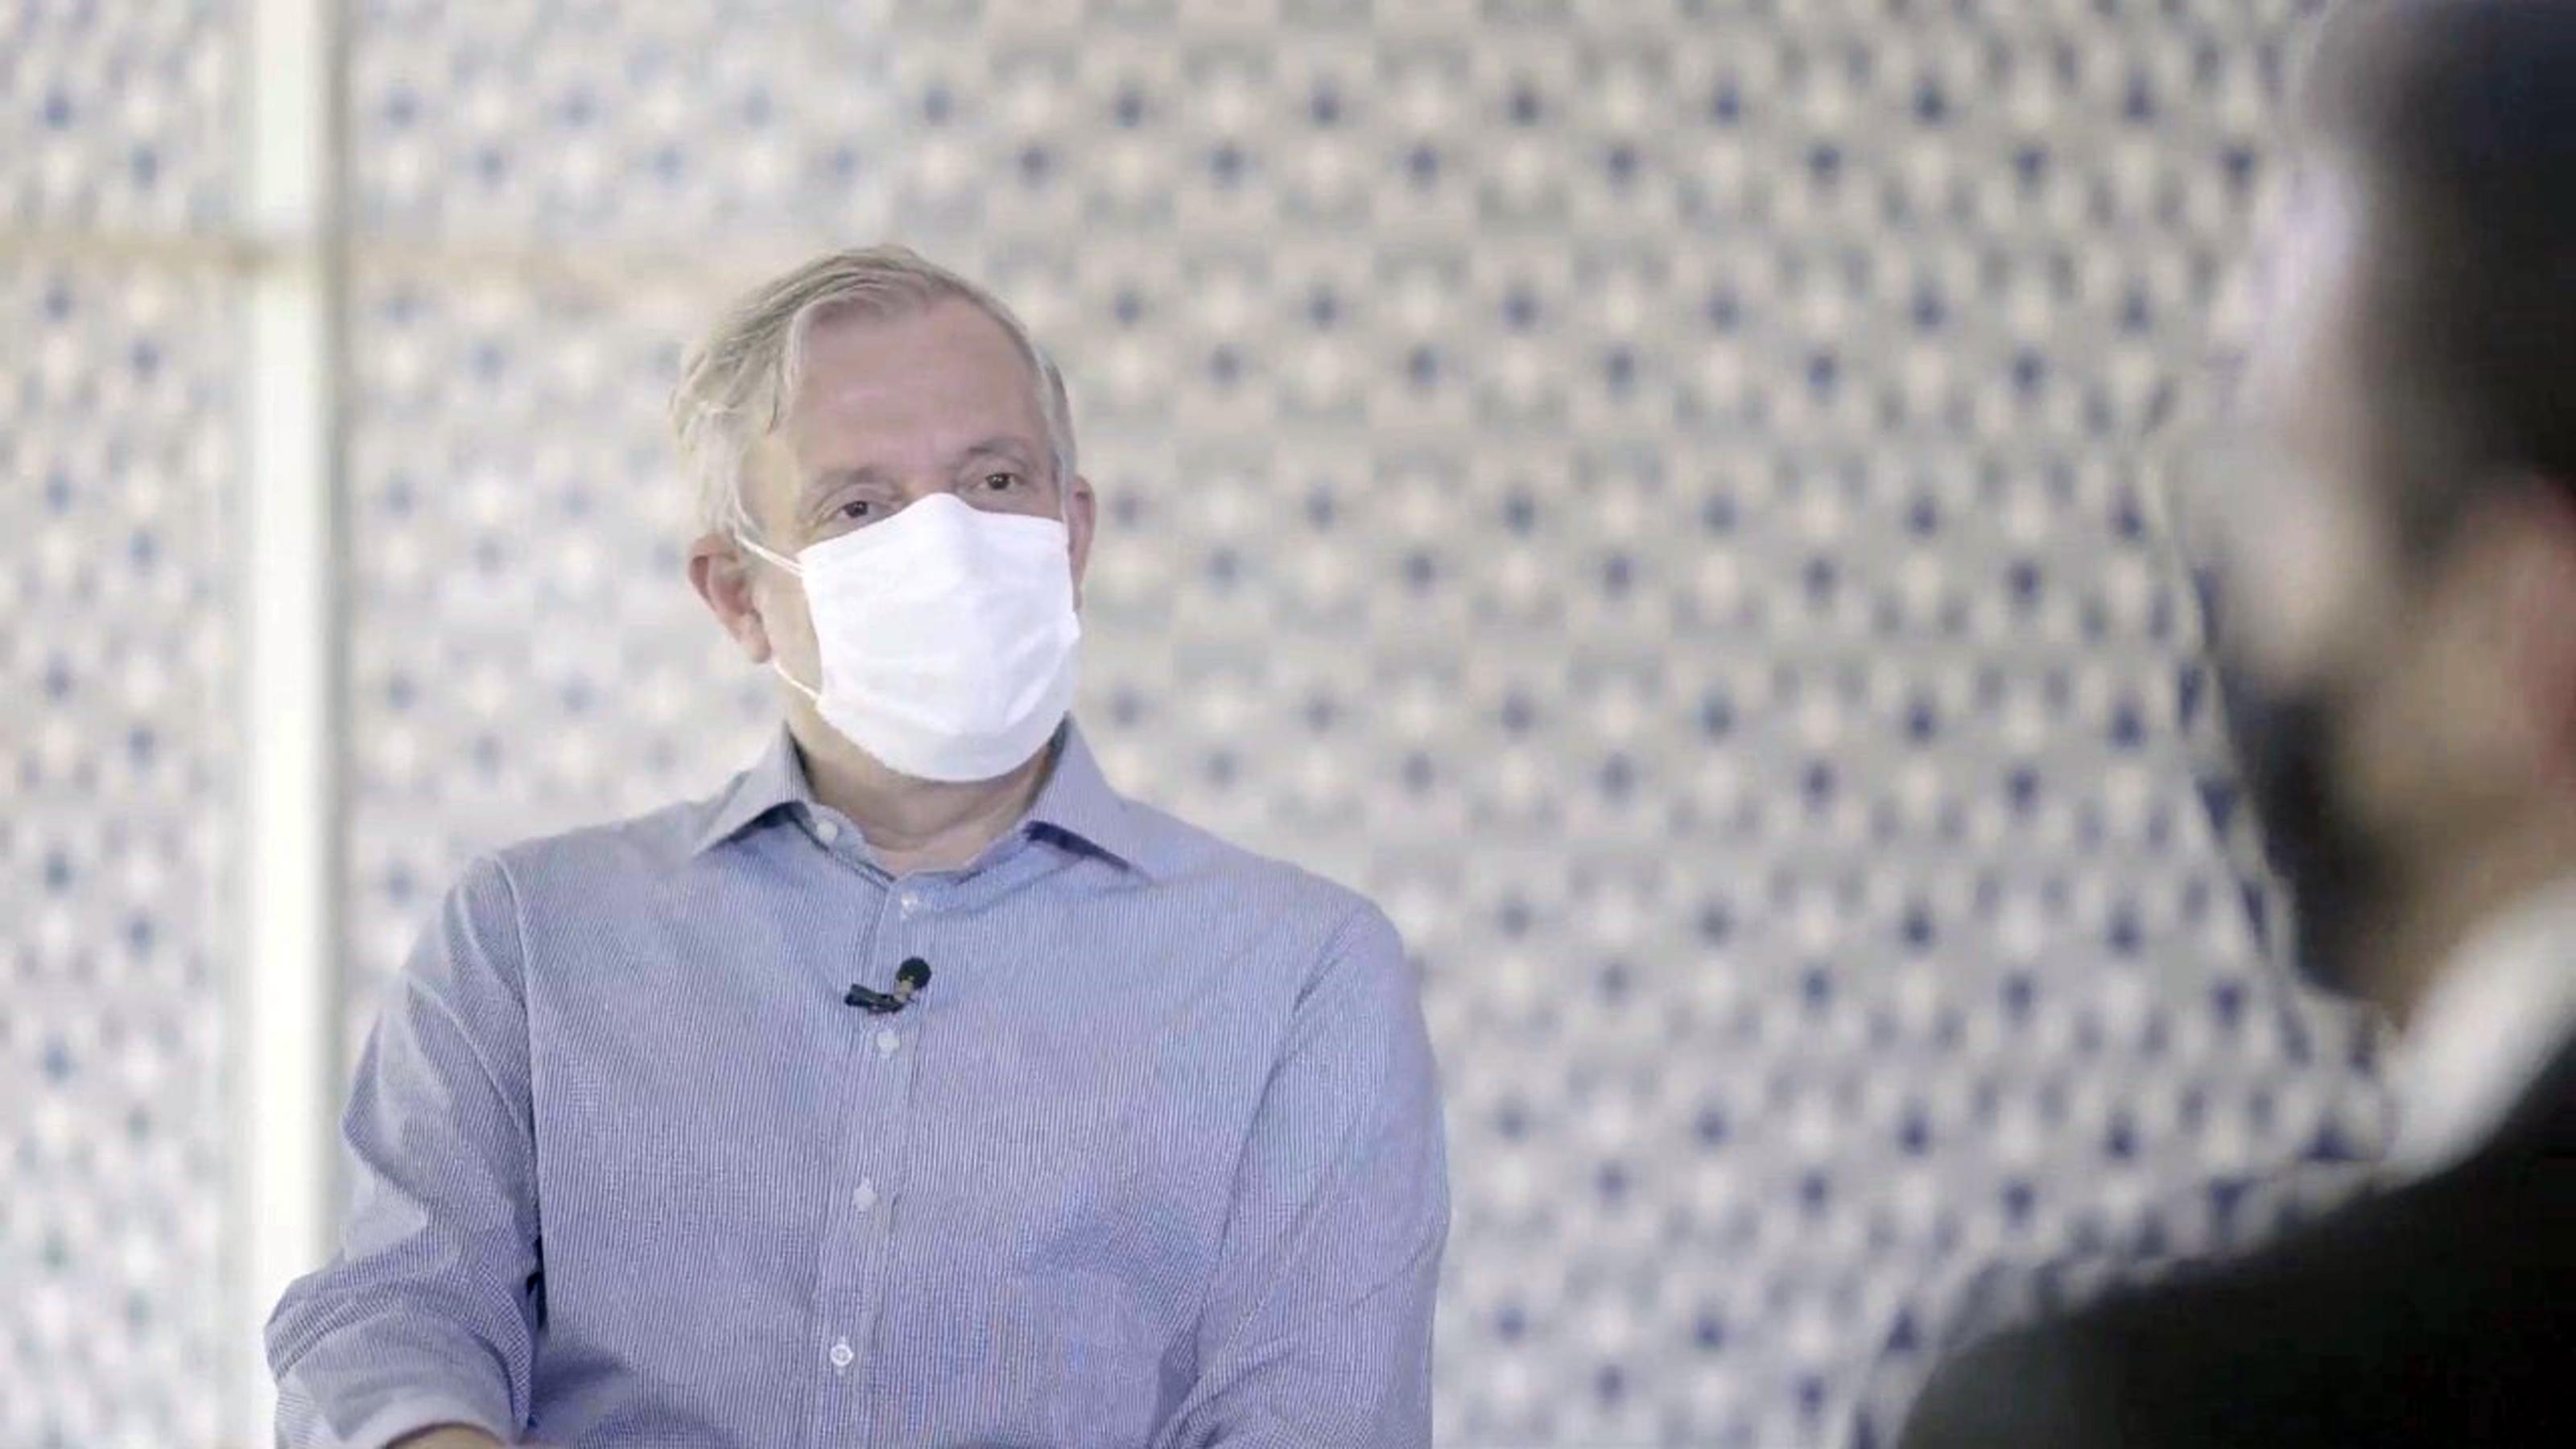 Repórter Álvaro Pereira Jr. aparece com máscara branca e camisa azul em frente a silhueta de Gustavo Mendes, gerente-geral de medicamentos da Anvisa.